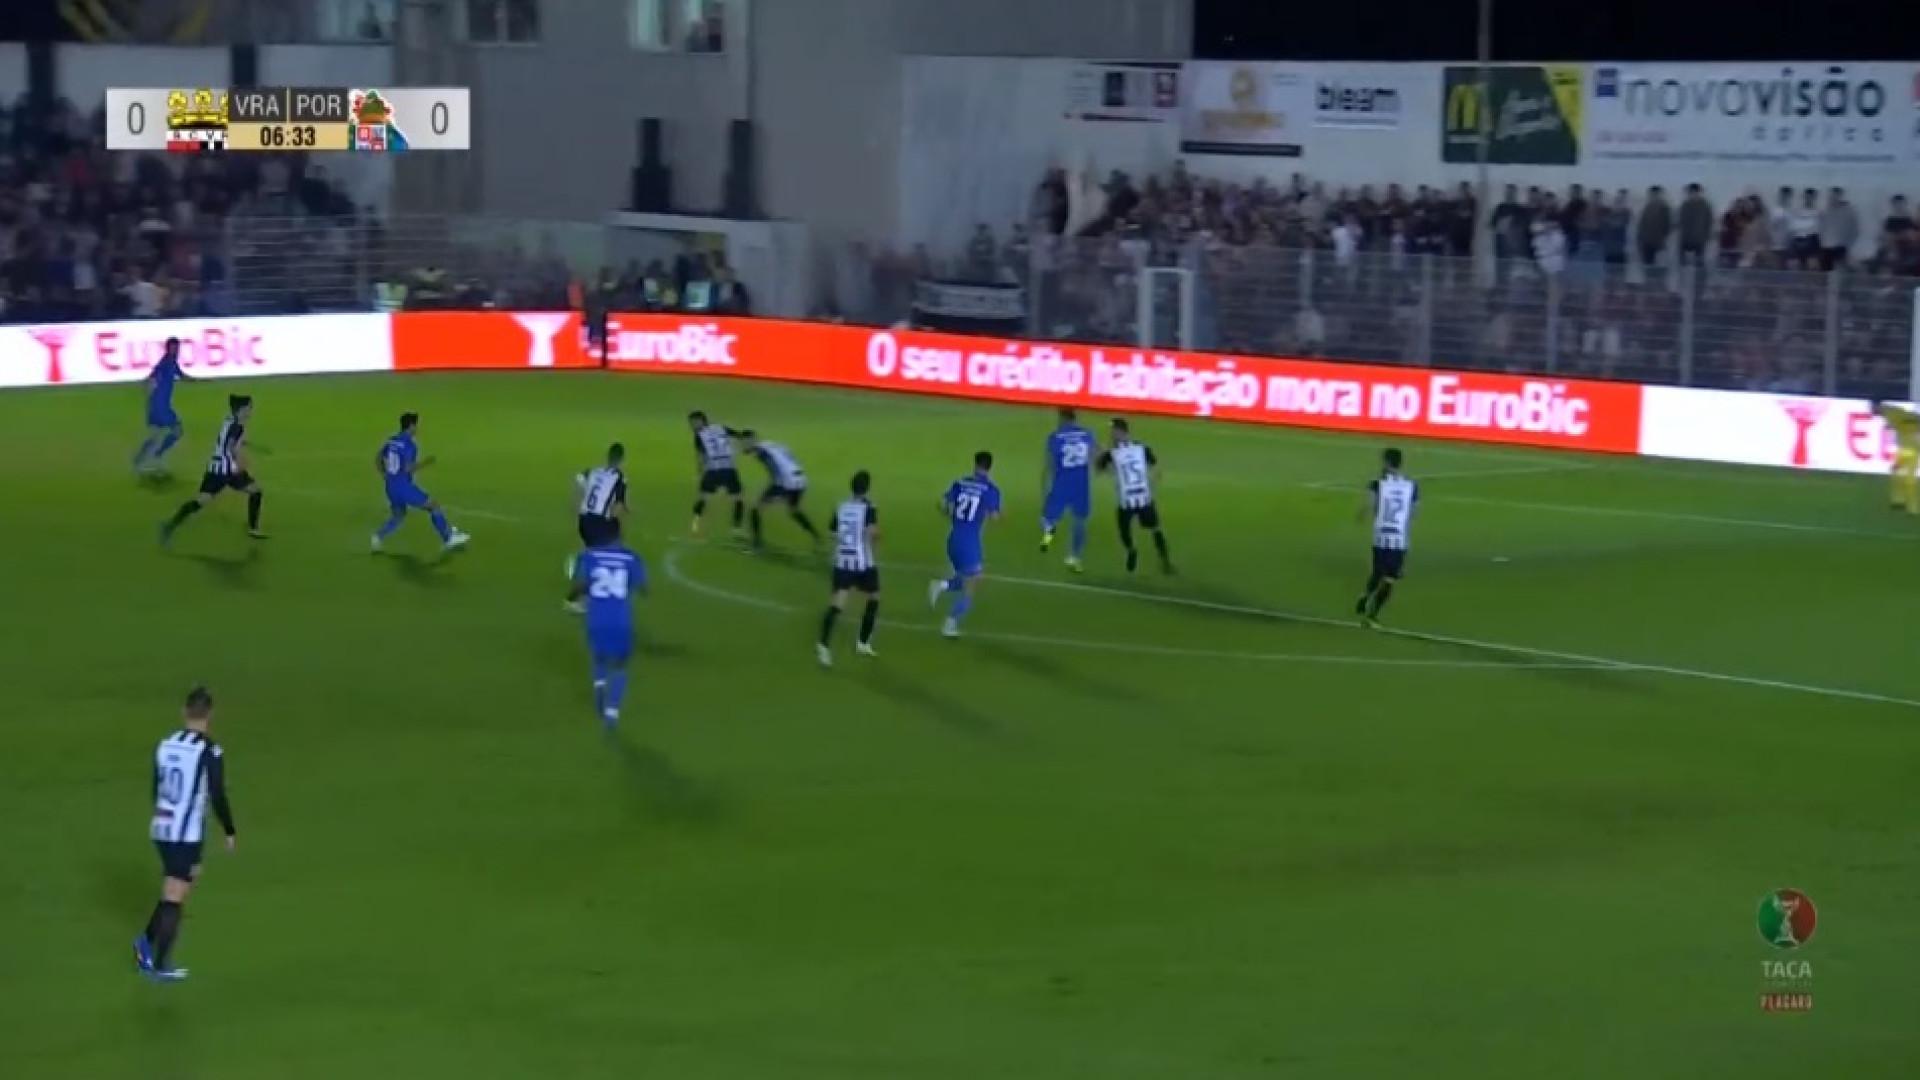 Adrián López retribui confiança de Sérgio Conceição com belo golo